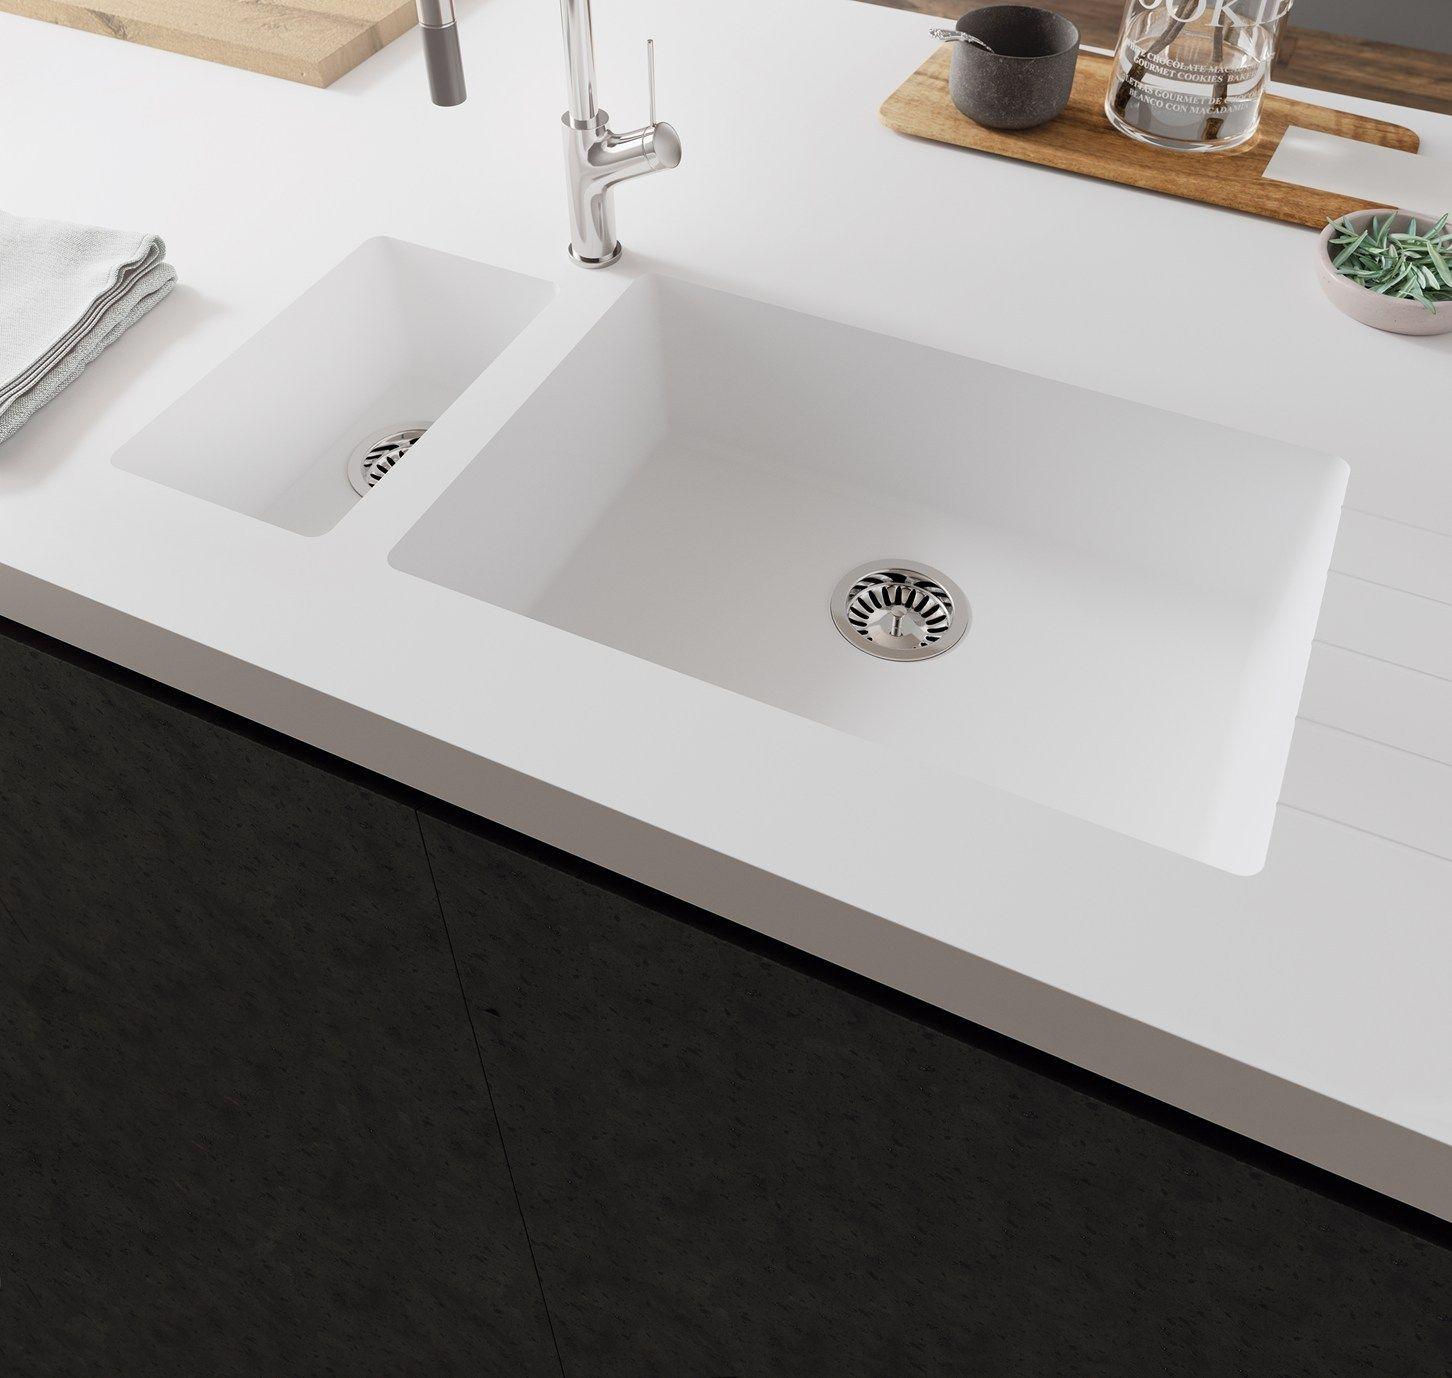 MACS® presenta su nueva gama de fregaderos y lavabos